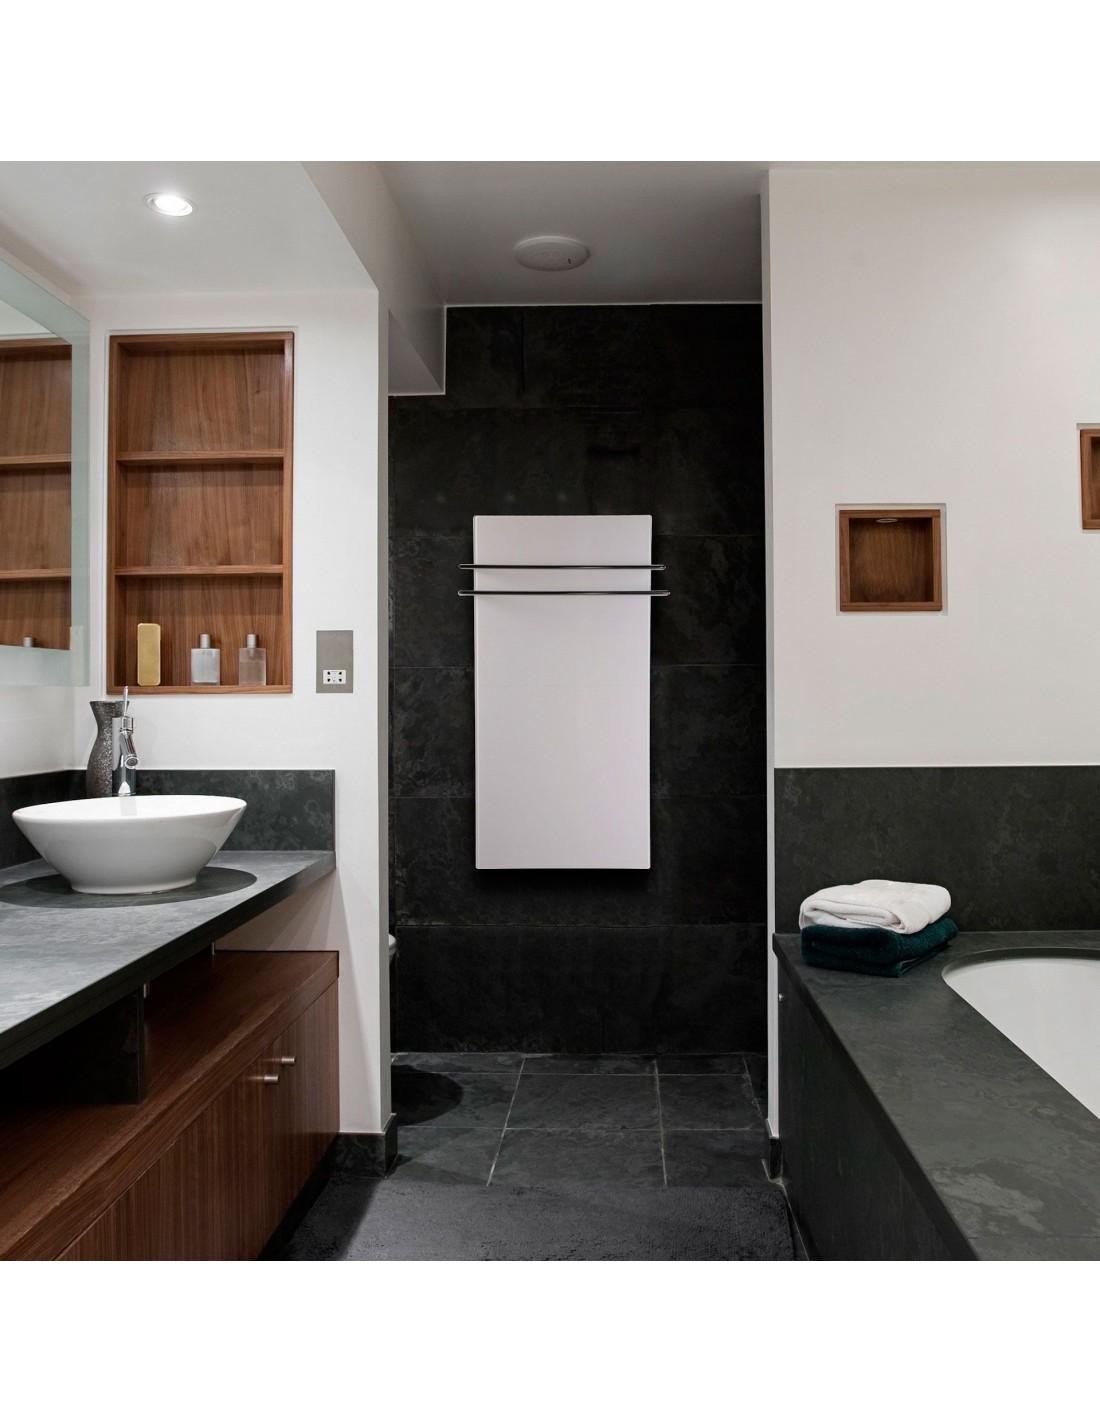 Sèche serviettes Solaris 1200w blanc mat de la marque Fondis - Valente Design